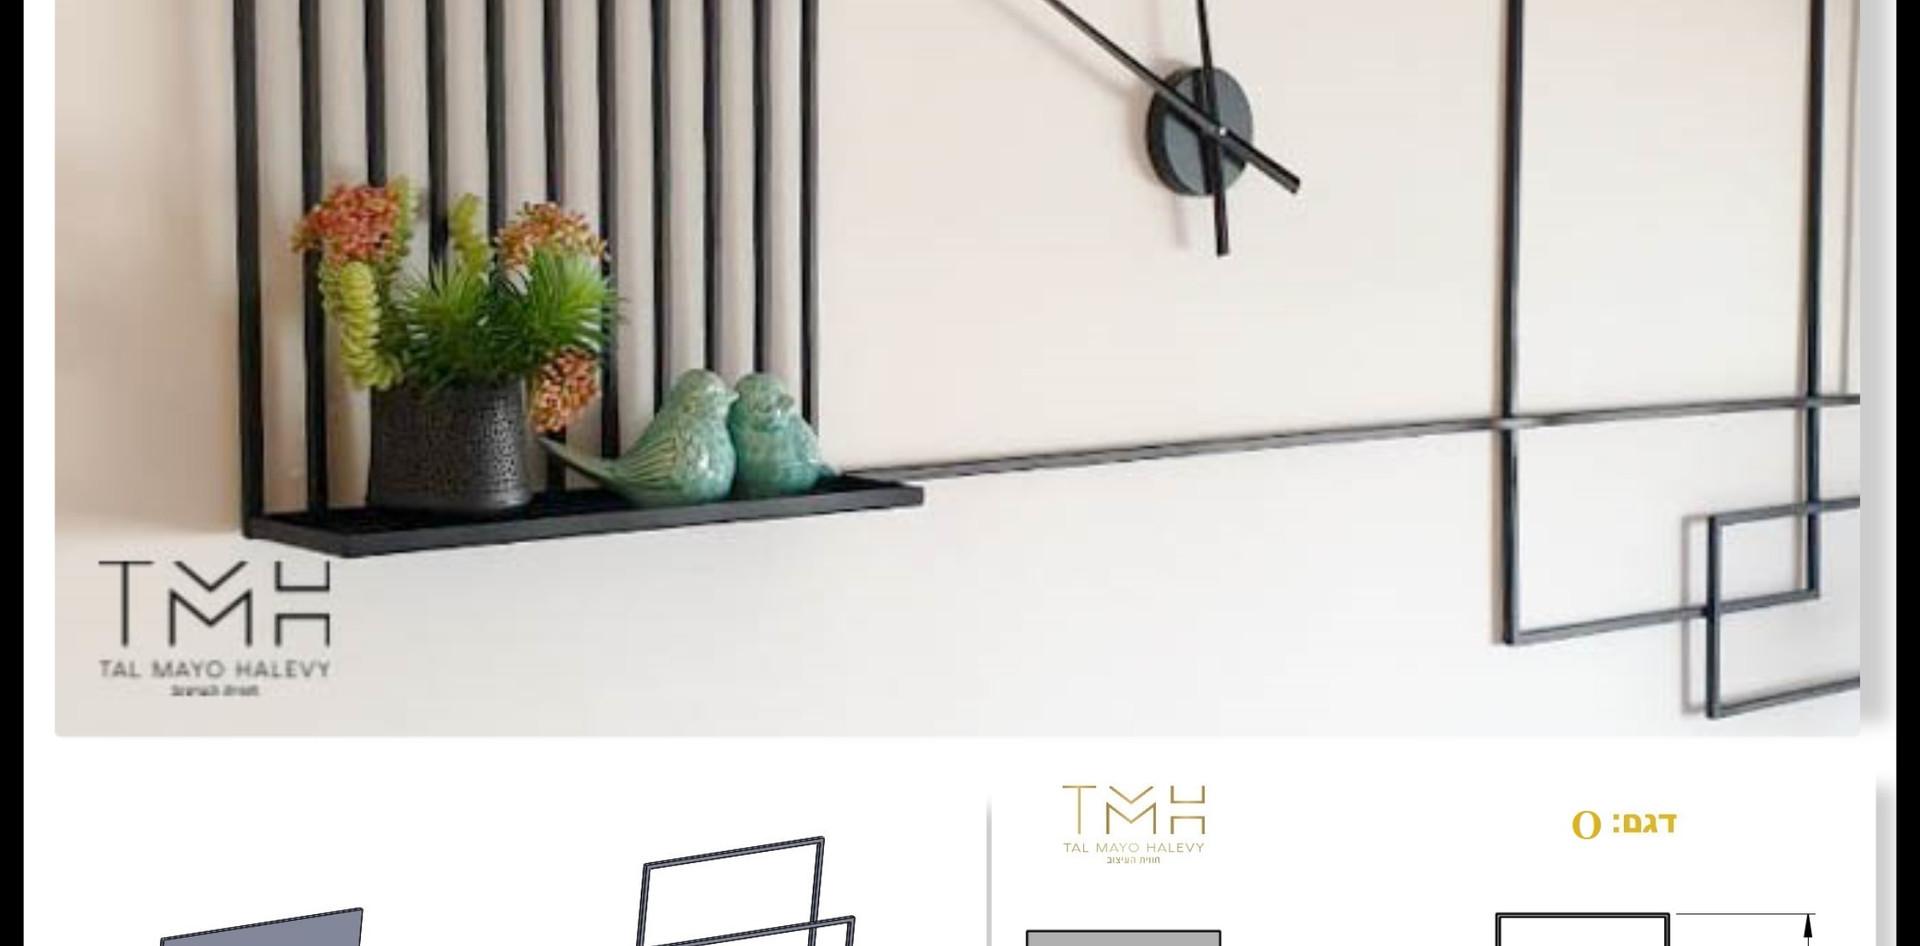 TMH-O.jpg